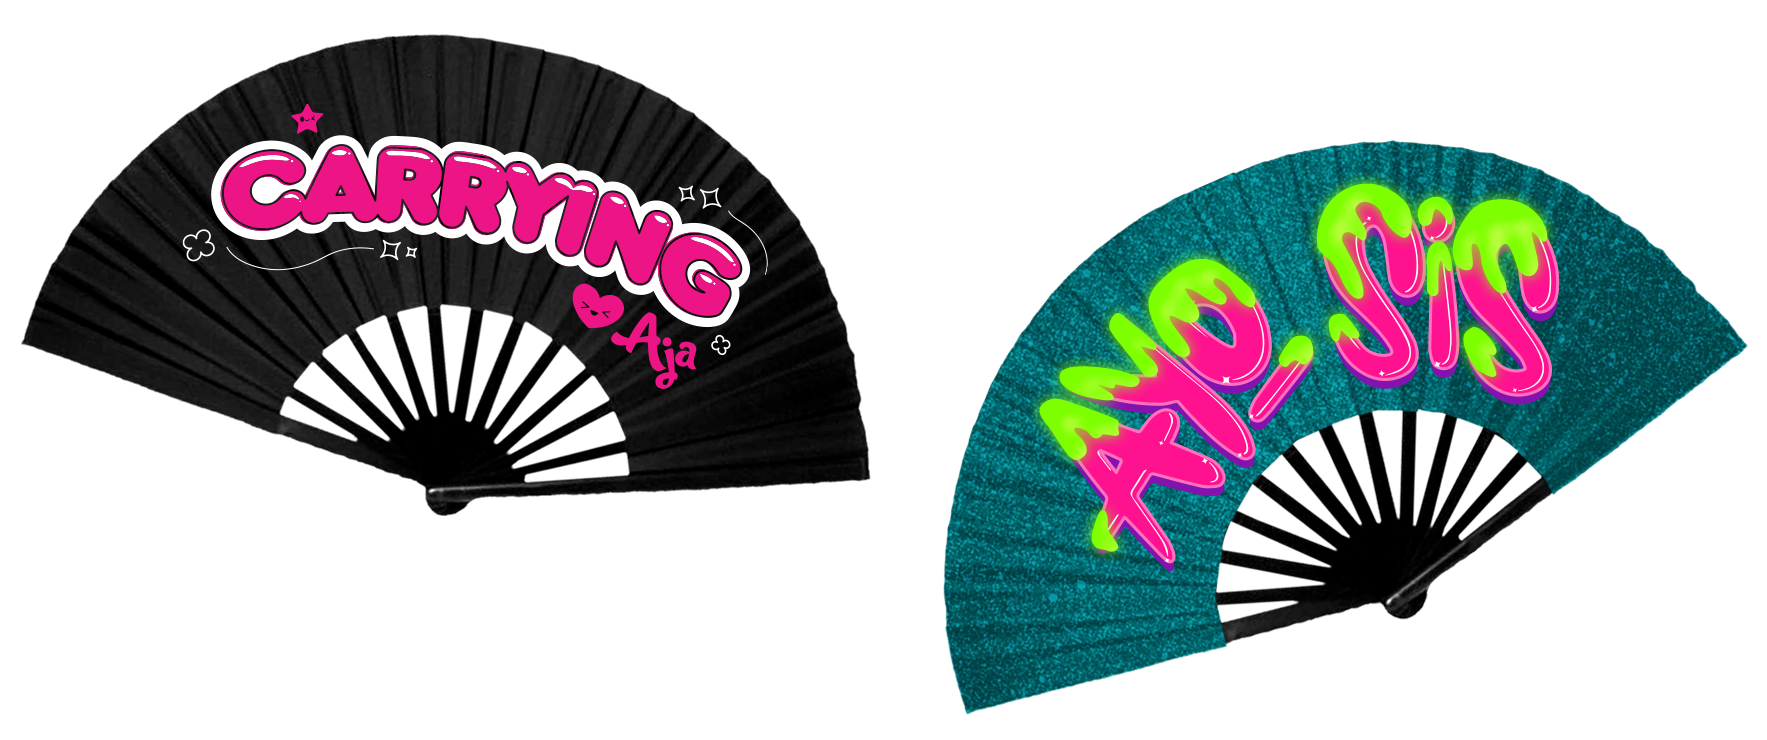 Aja  | Silk fan designs  sold out